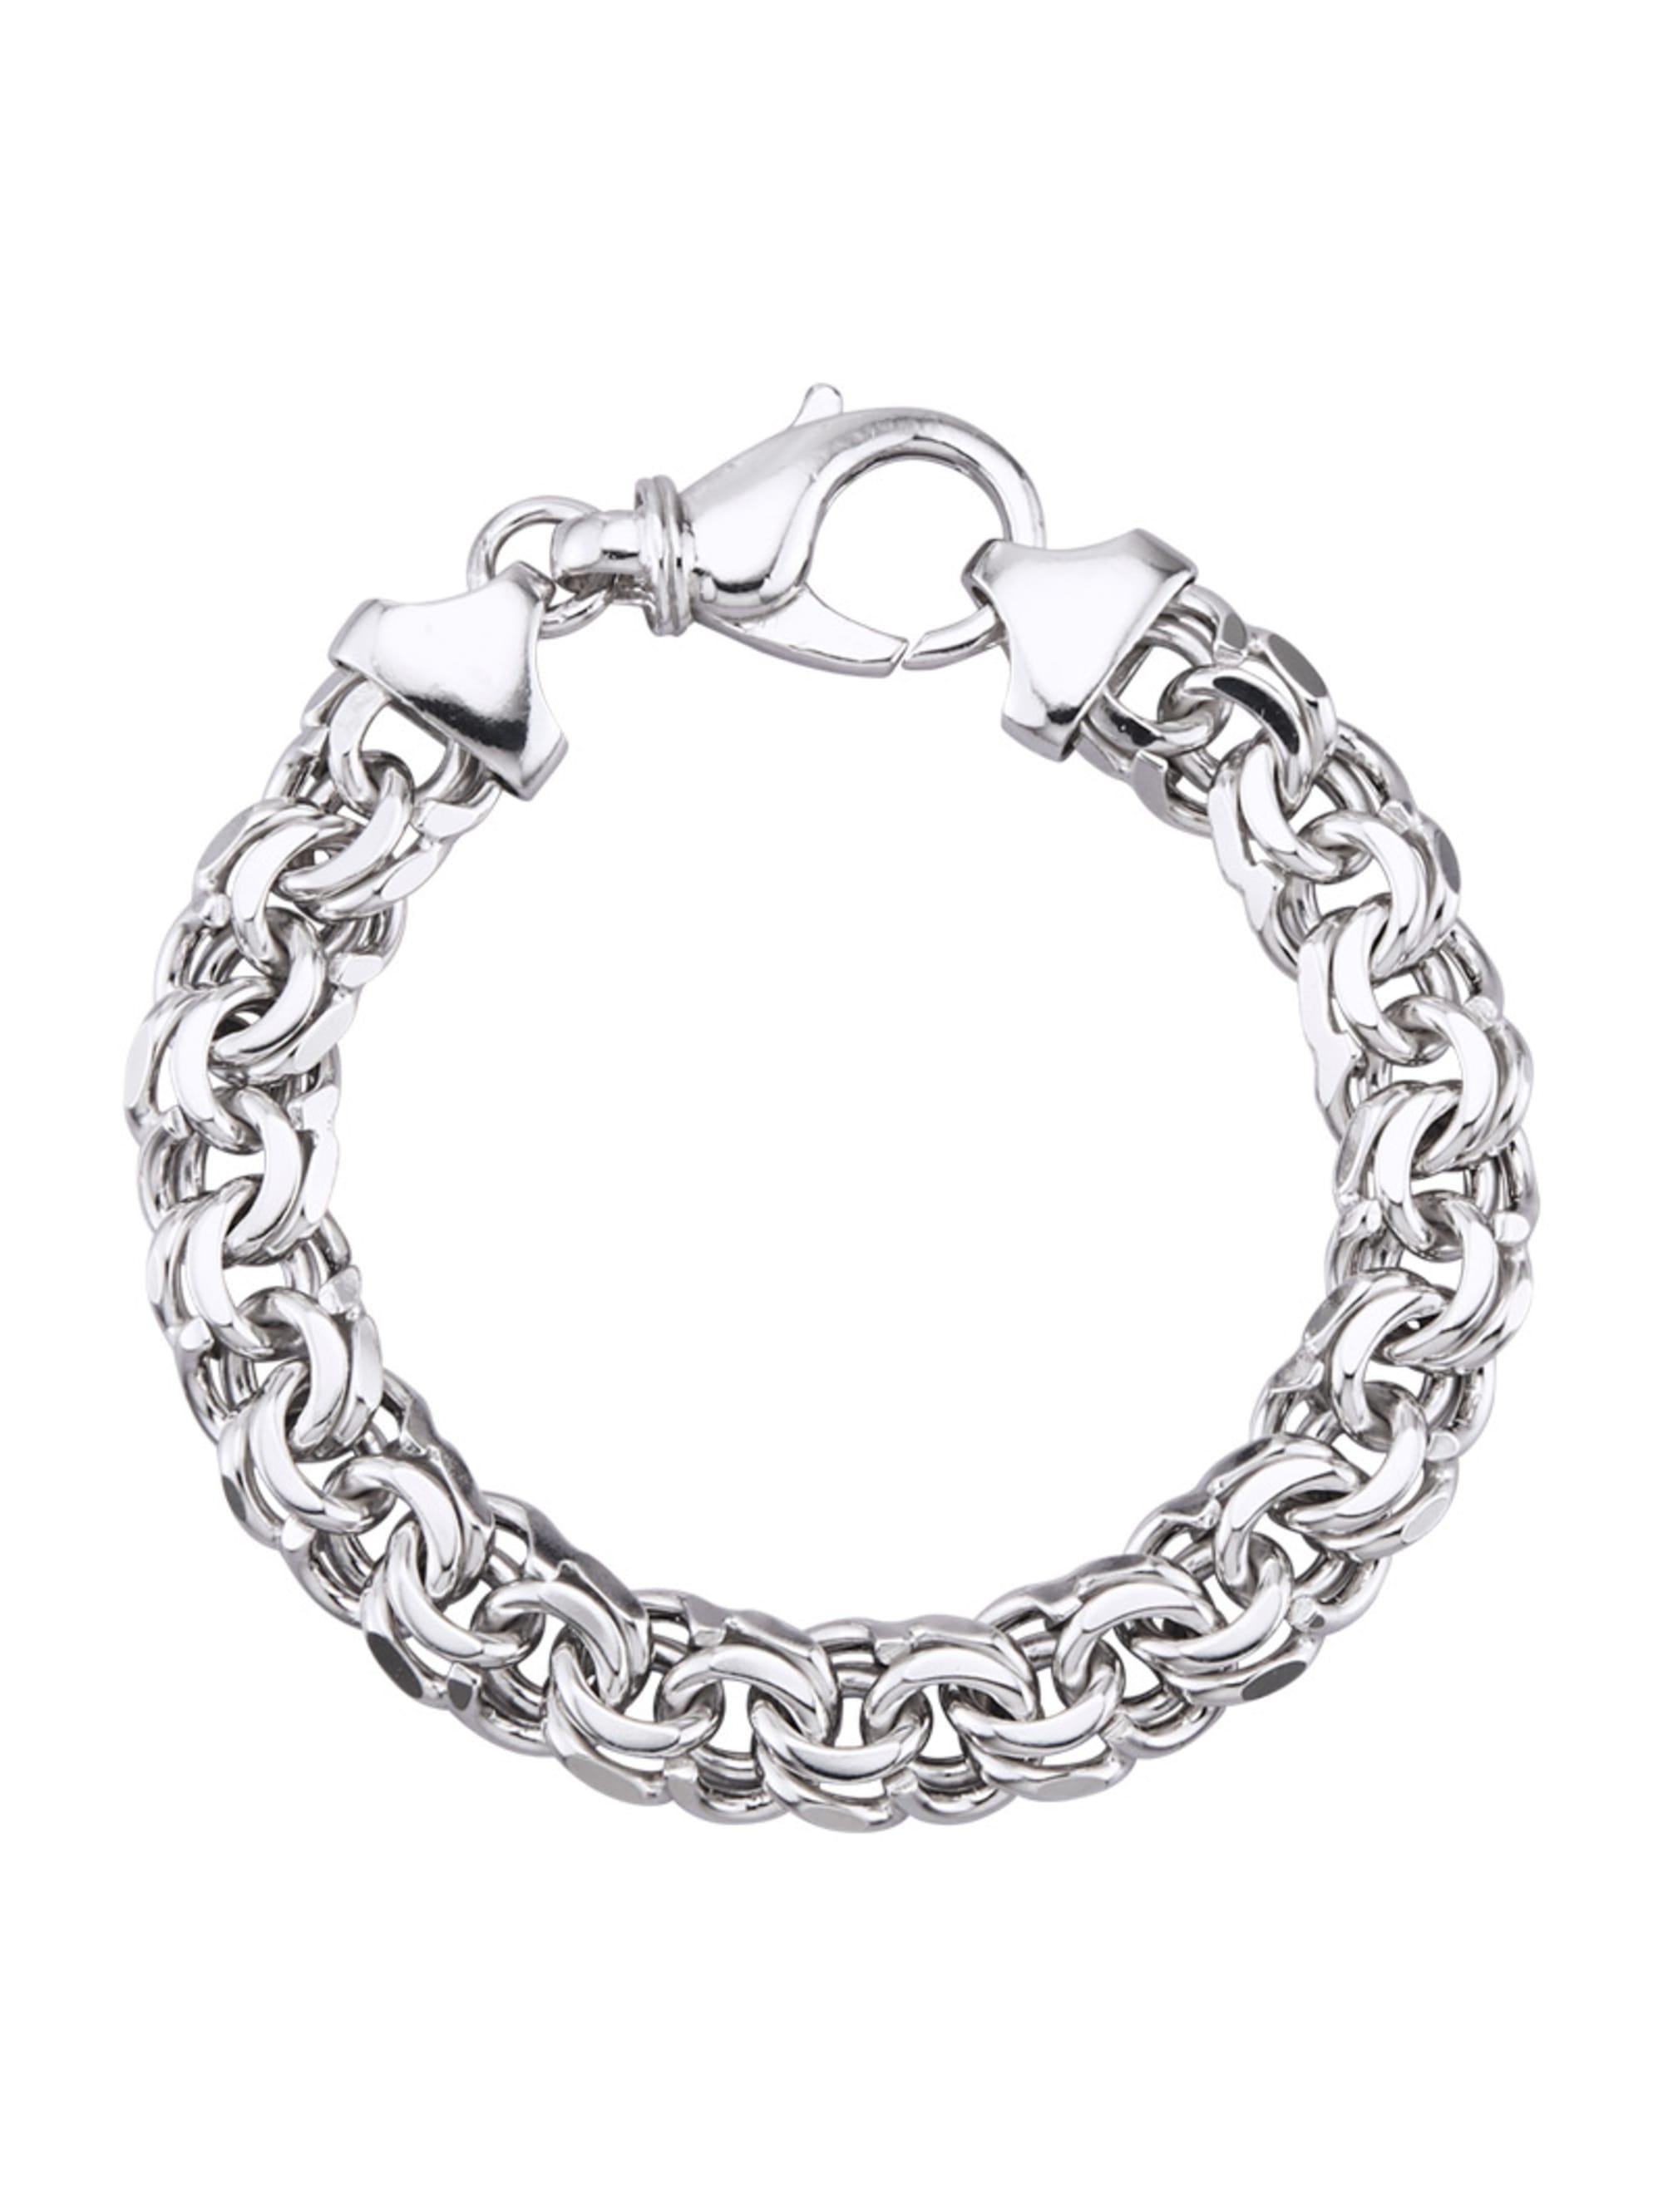 Garibaldi-Armband in Silber 925 apIHA